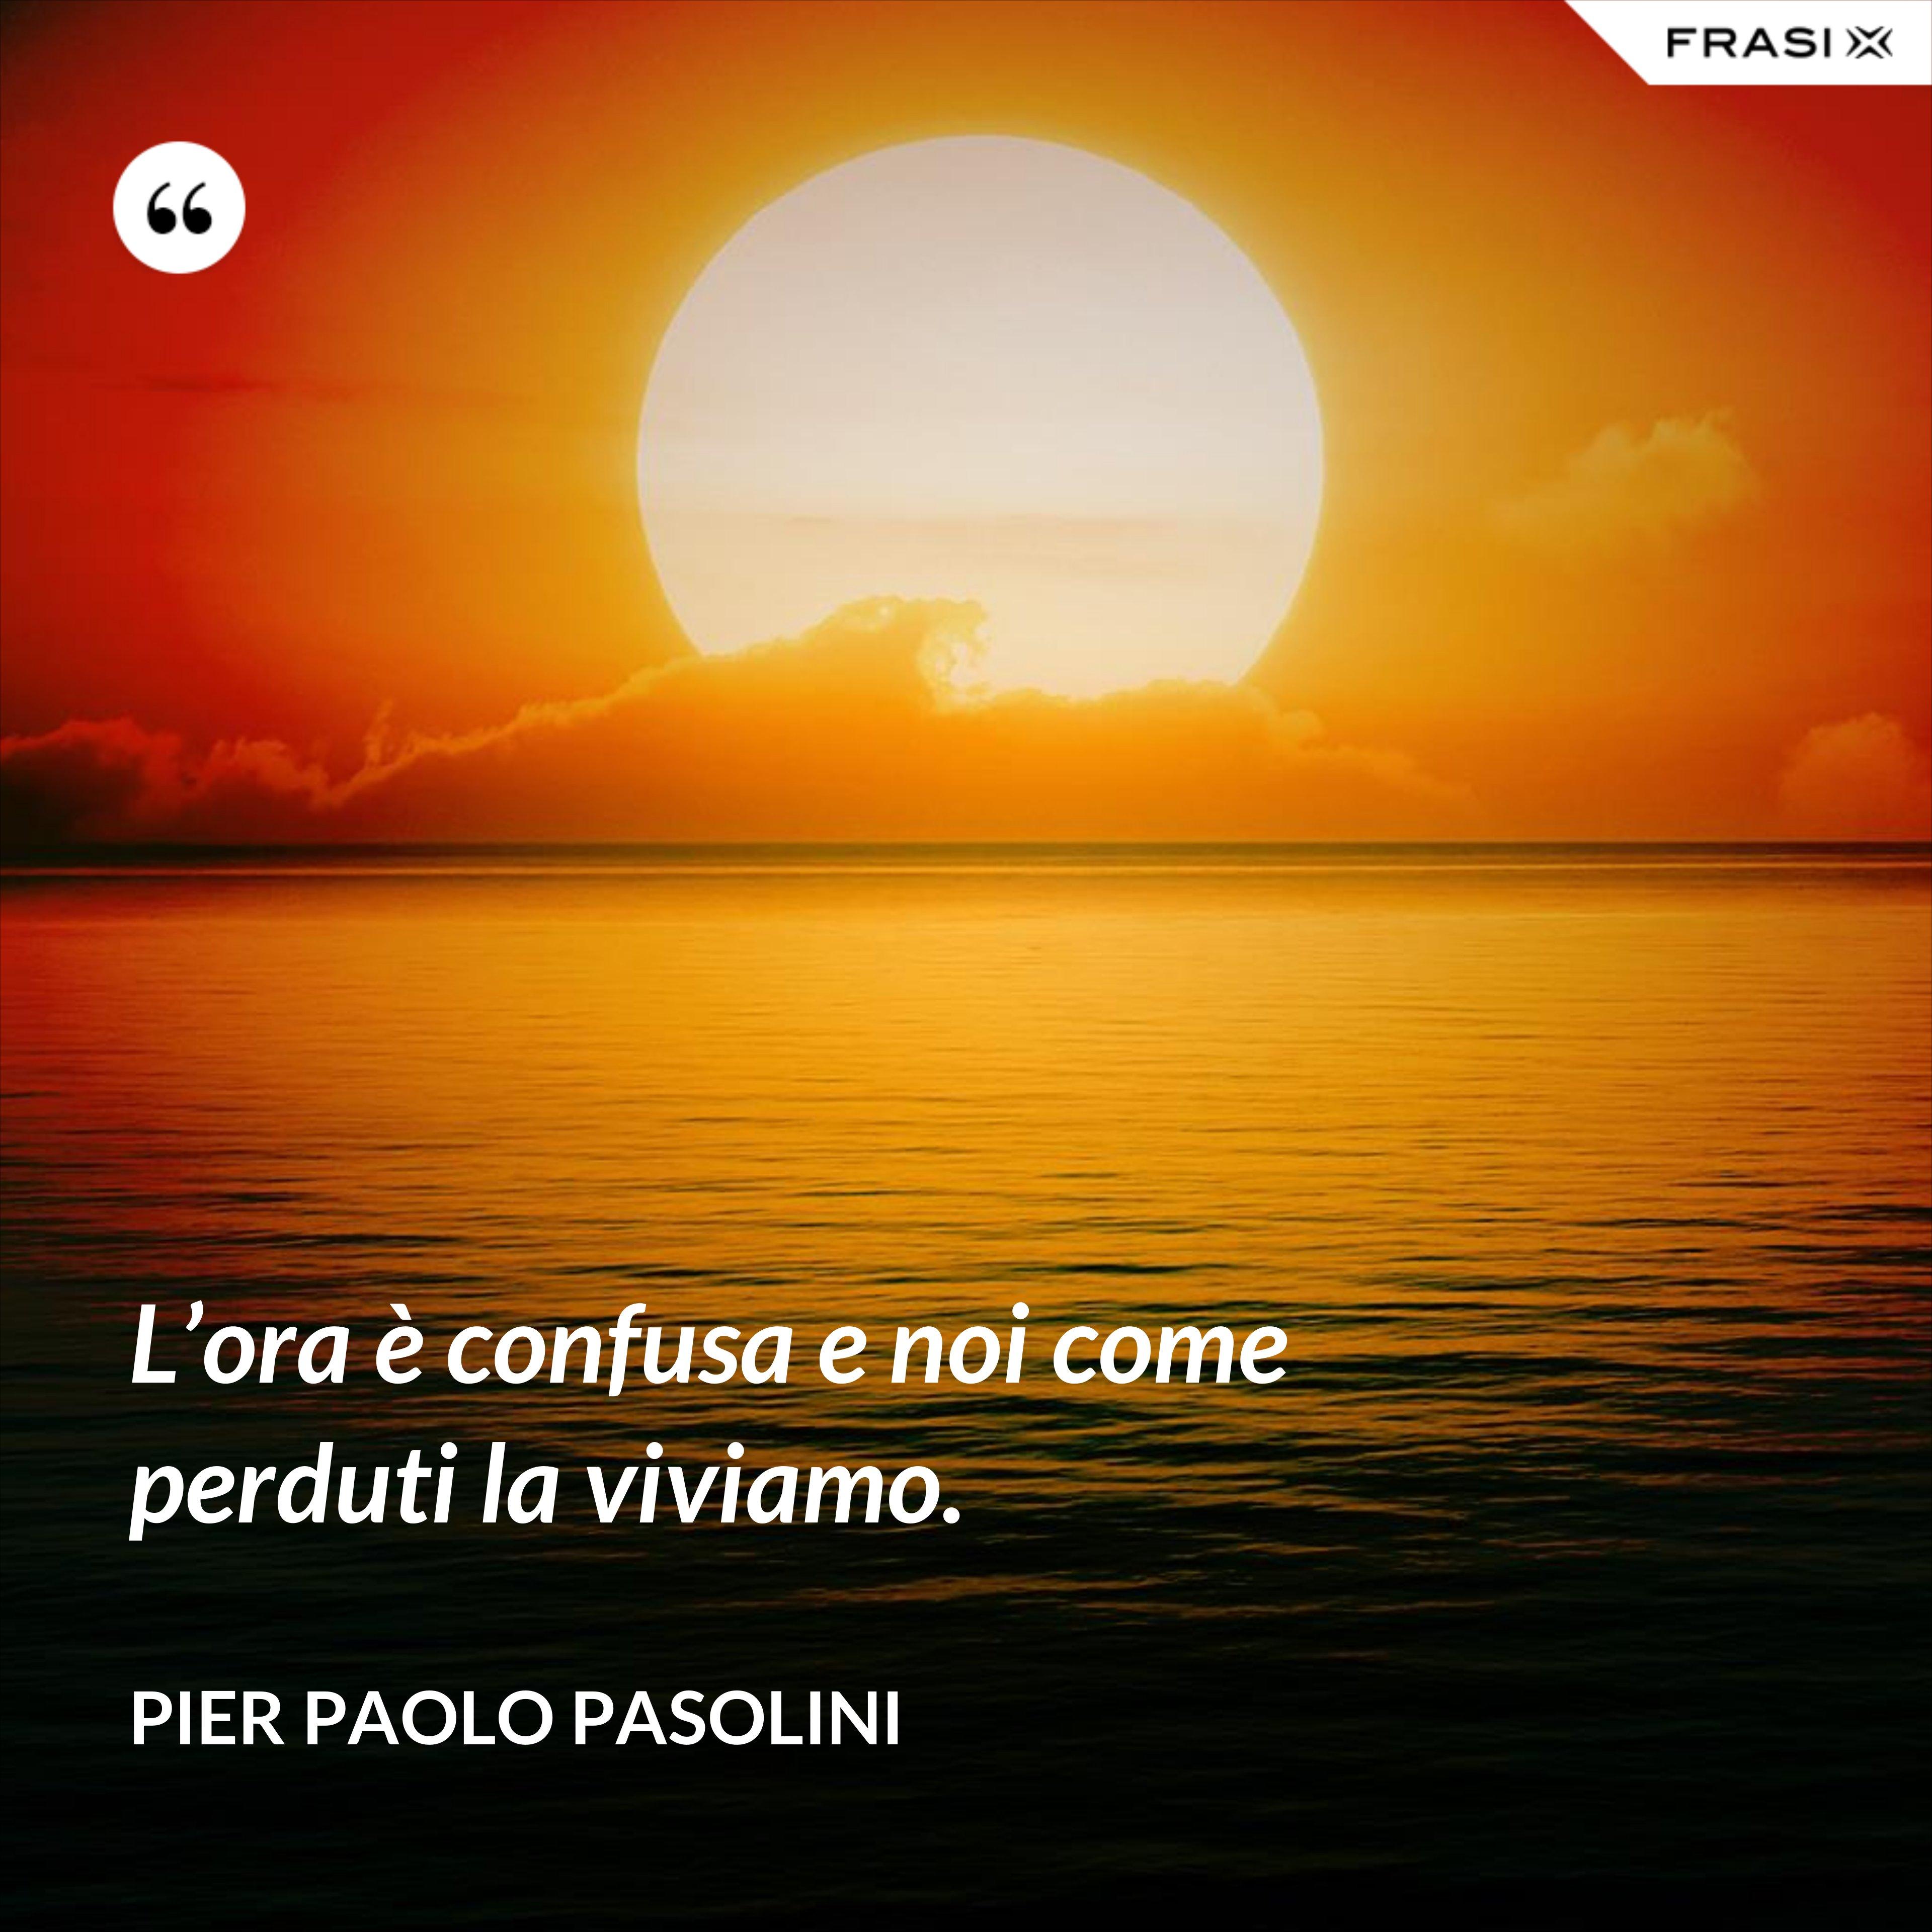 L'ora è confusa e noi come perduti la viviamo. - Pier Paolo Pasolini